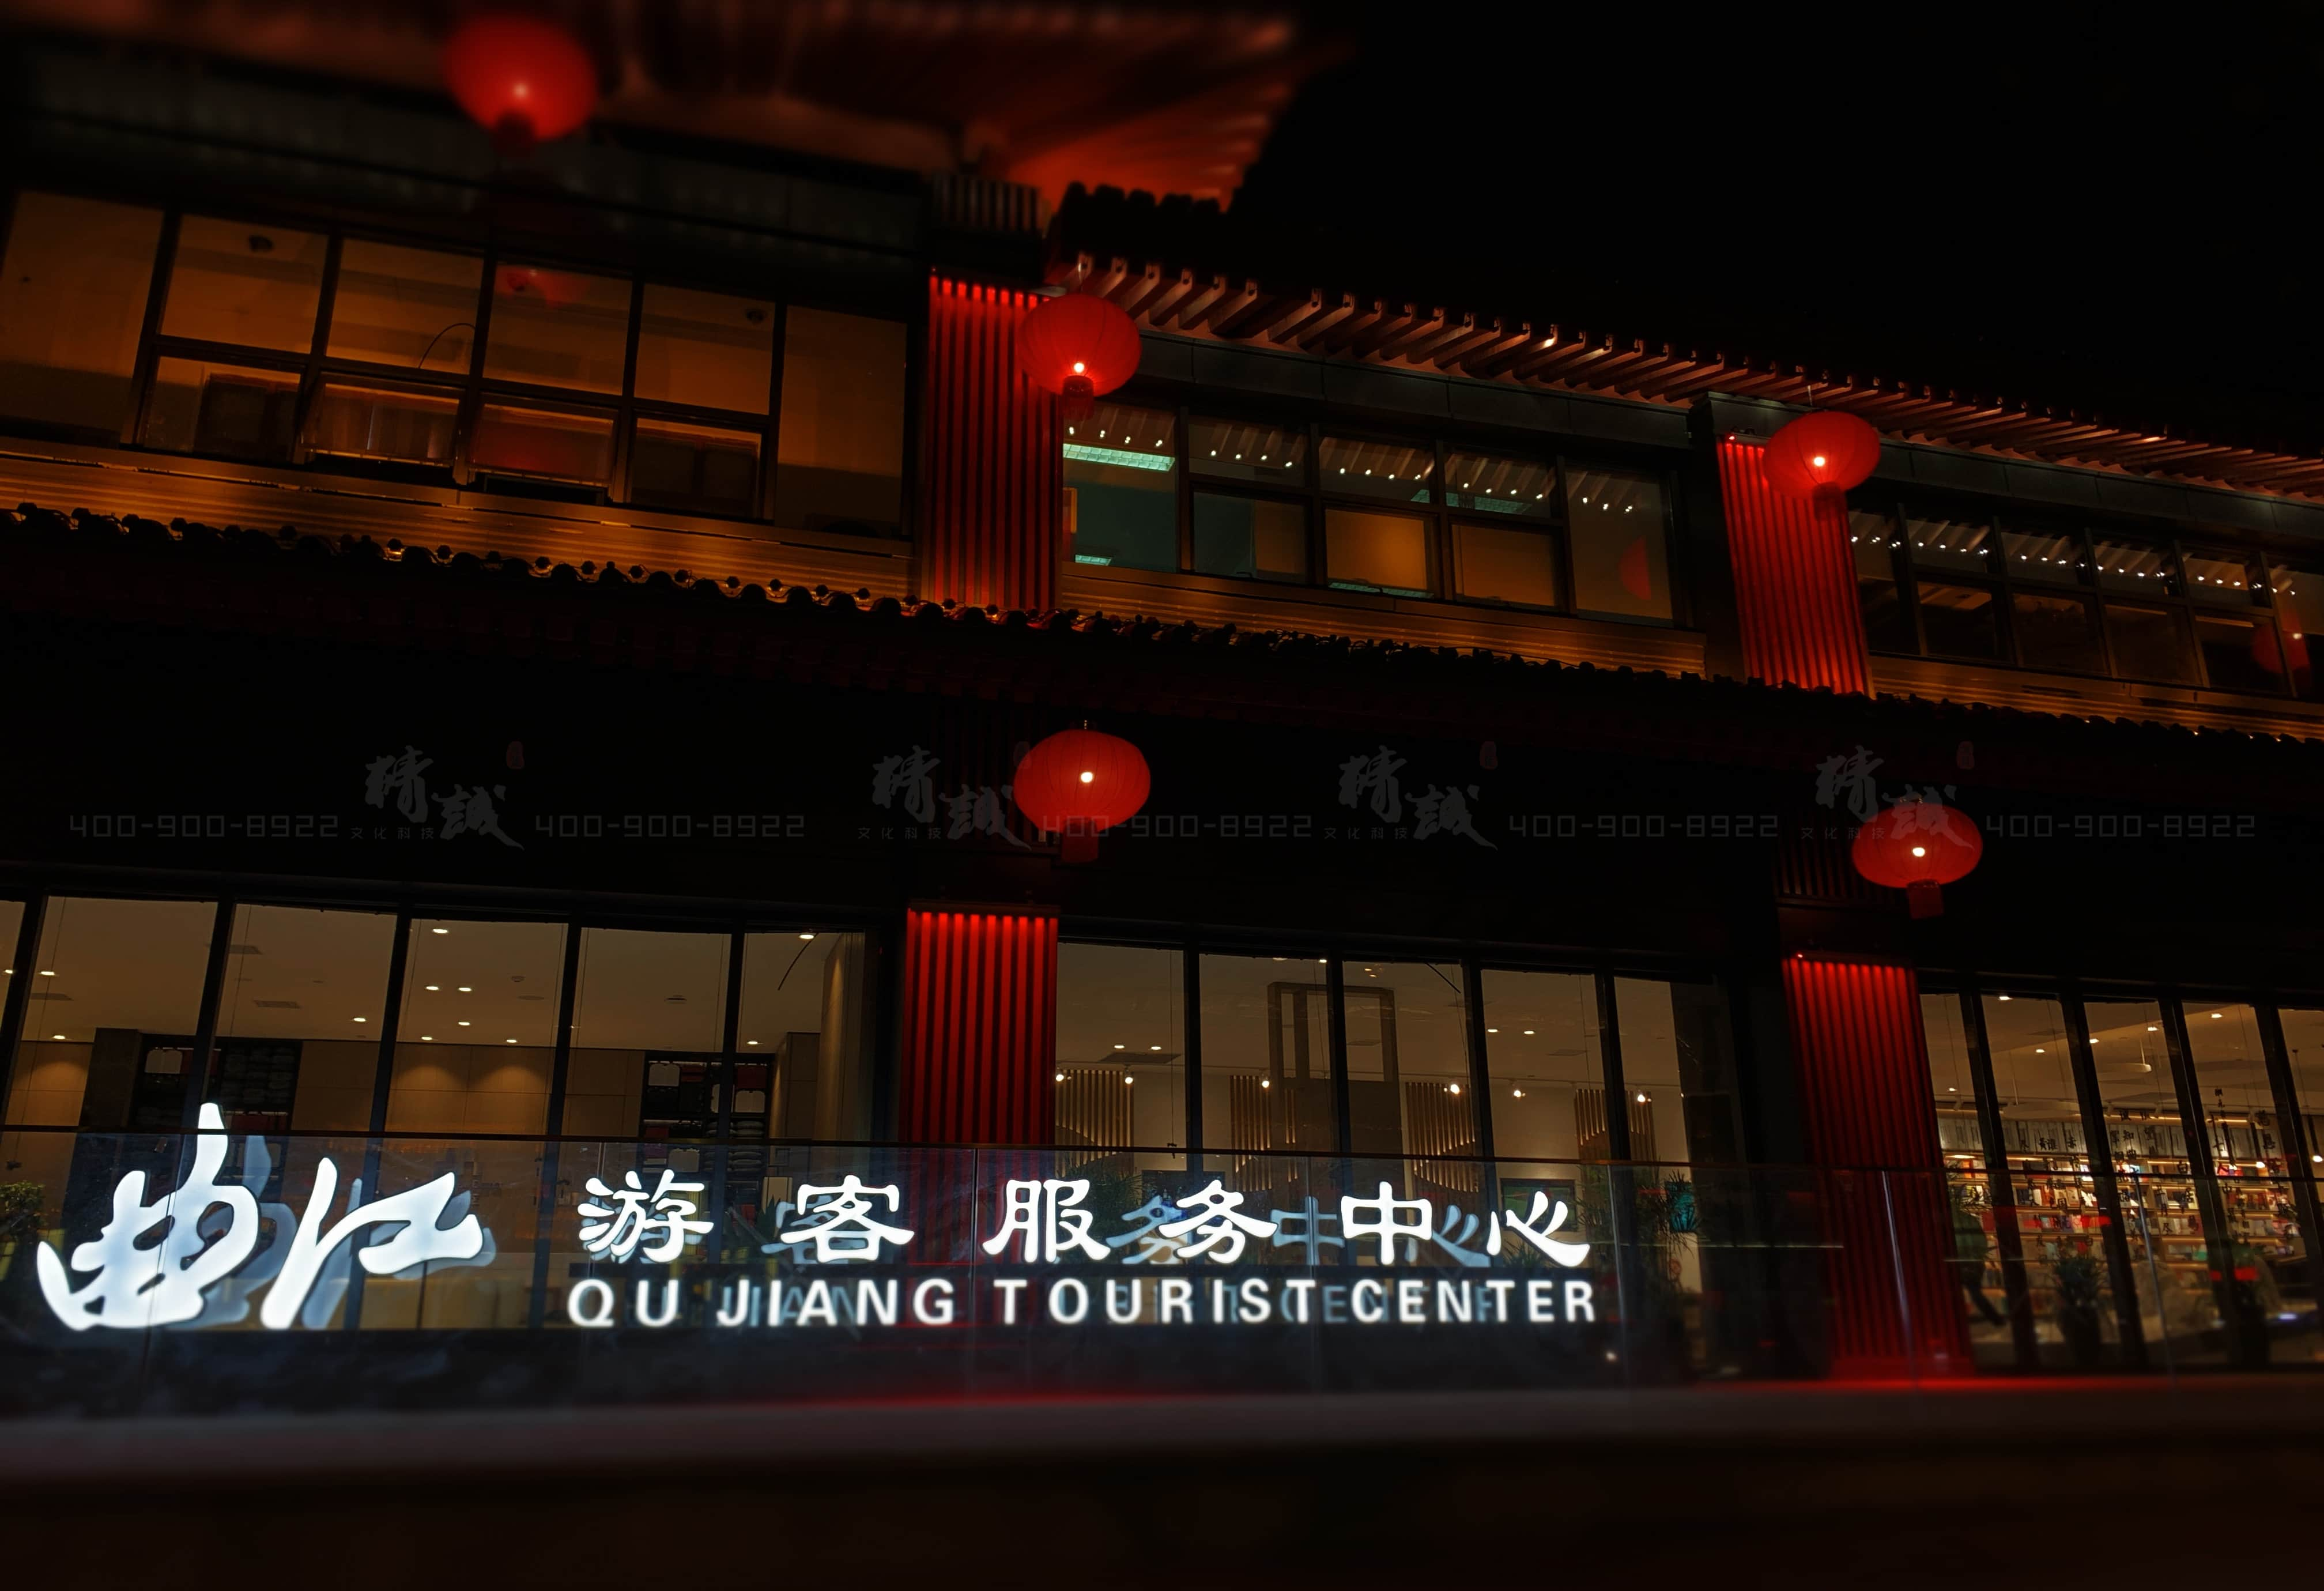 主题馆丨西安曲江游客服务中心